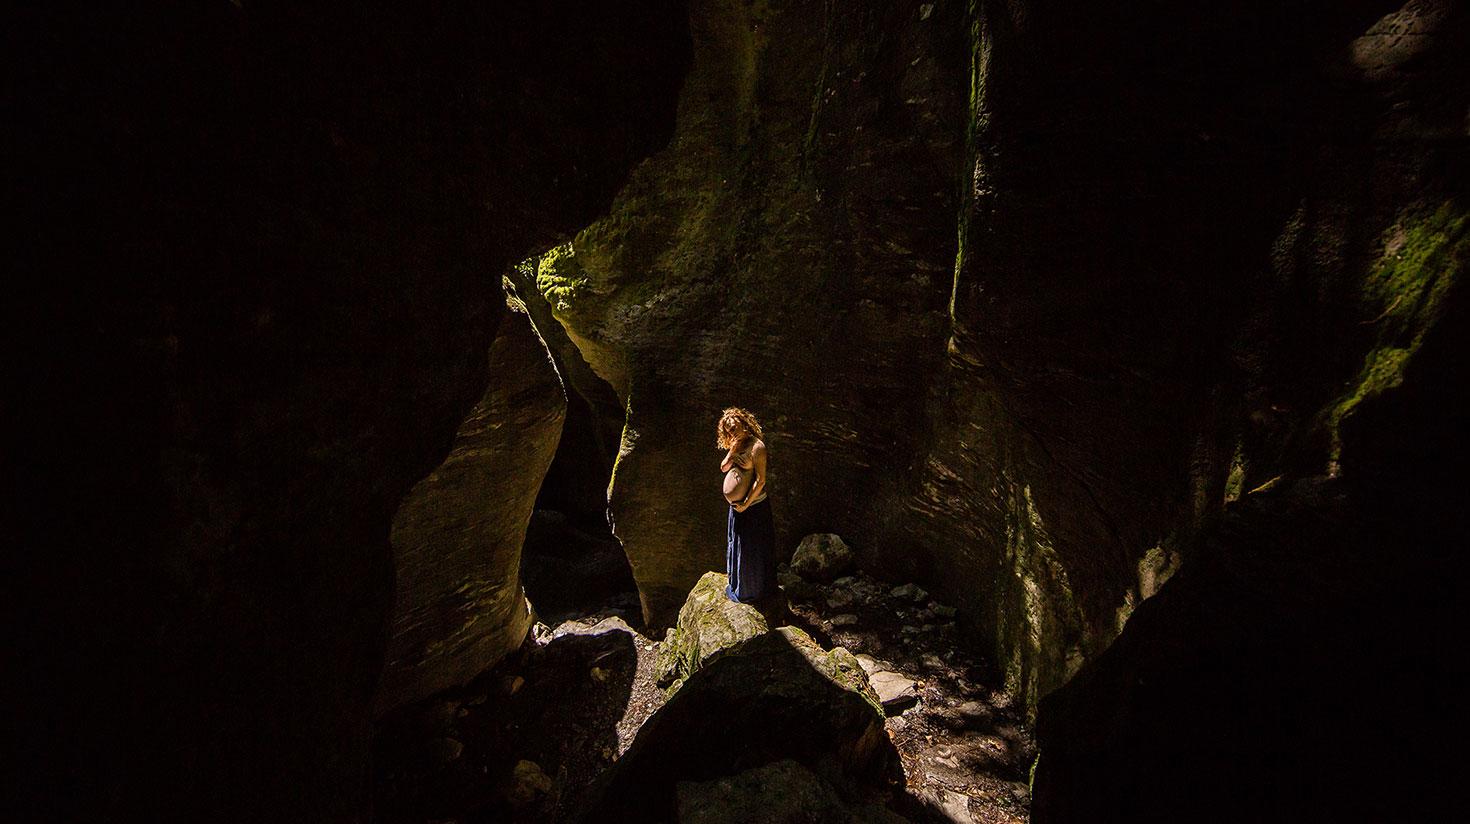 corso di fotografia sulla luce naturale